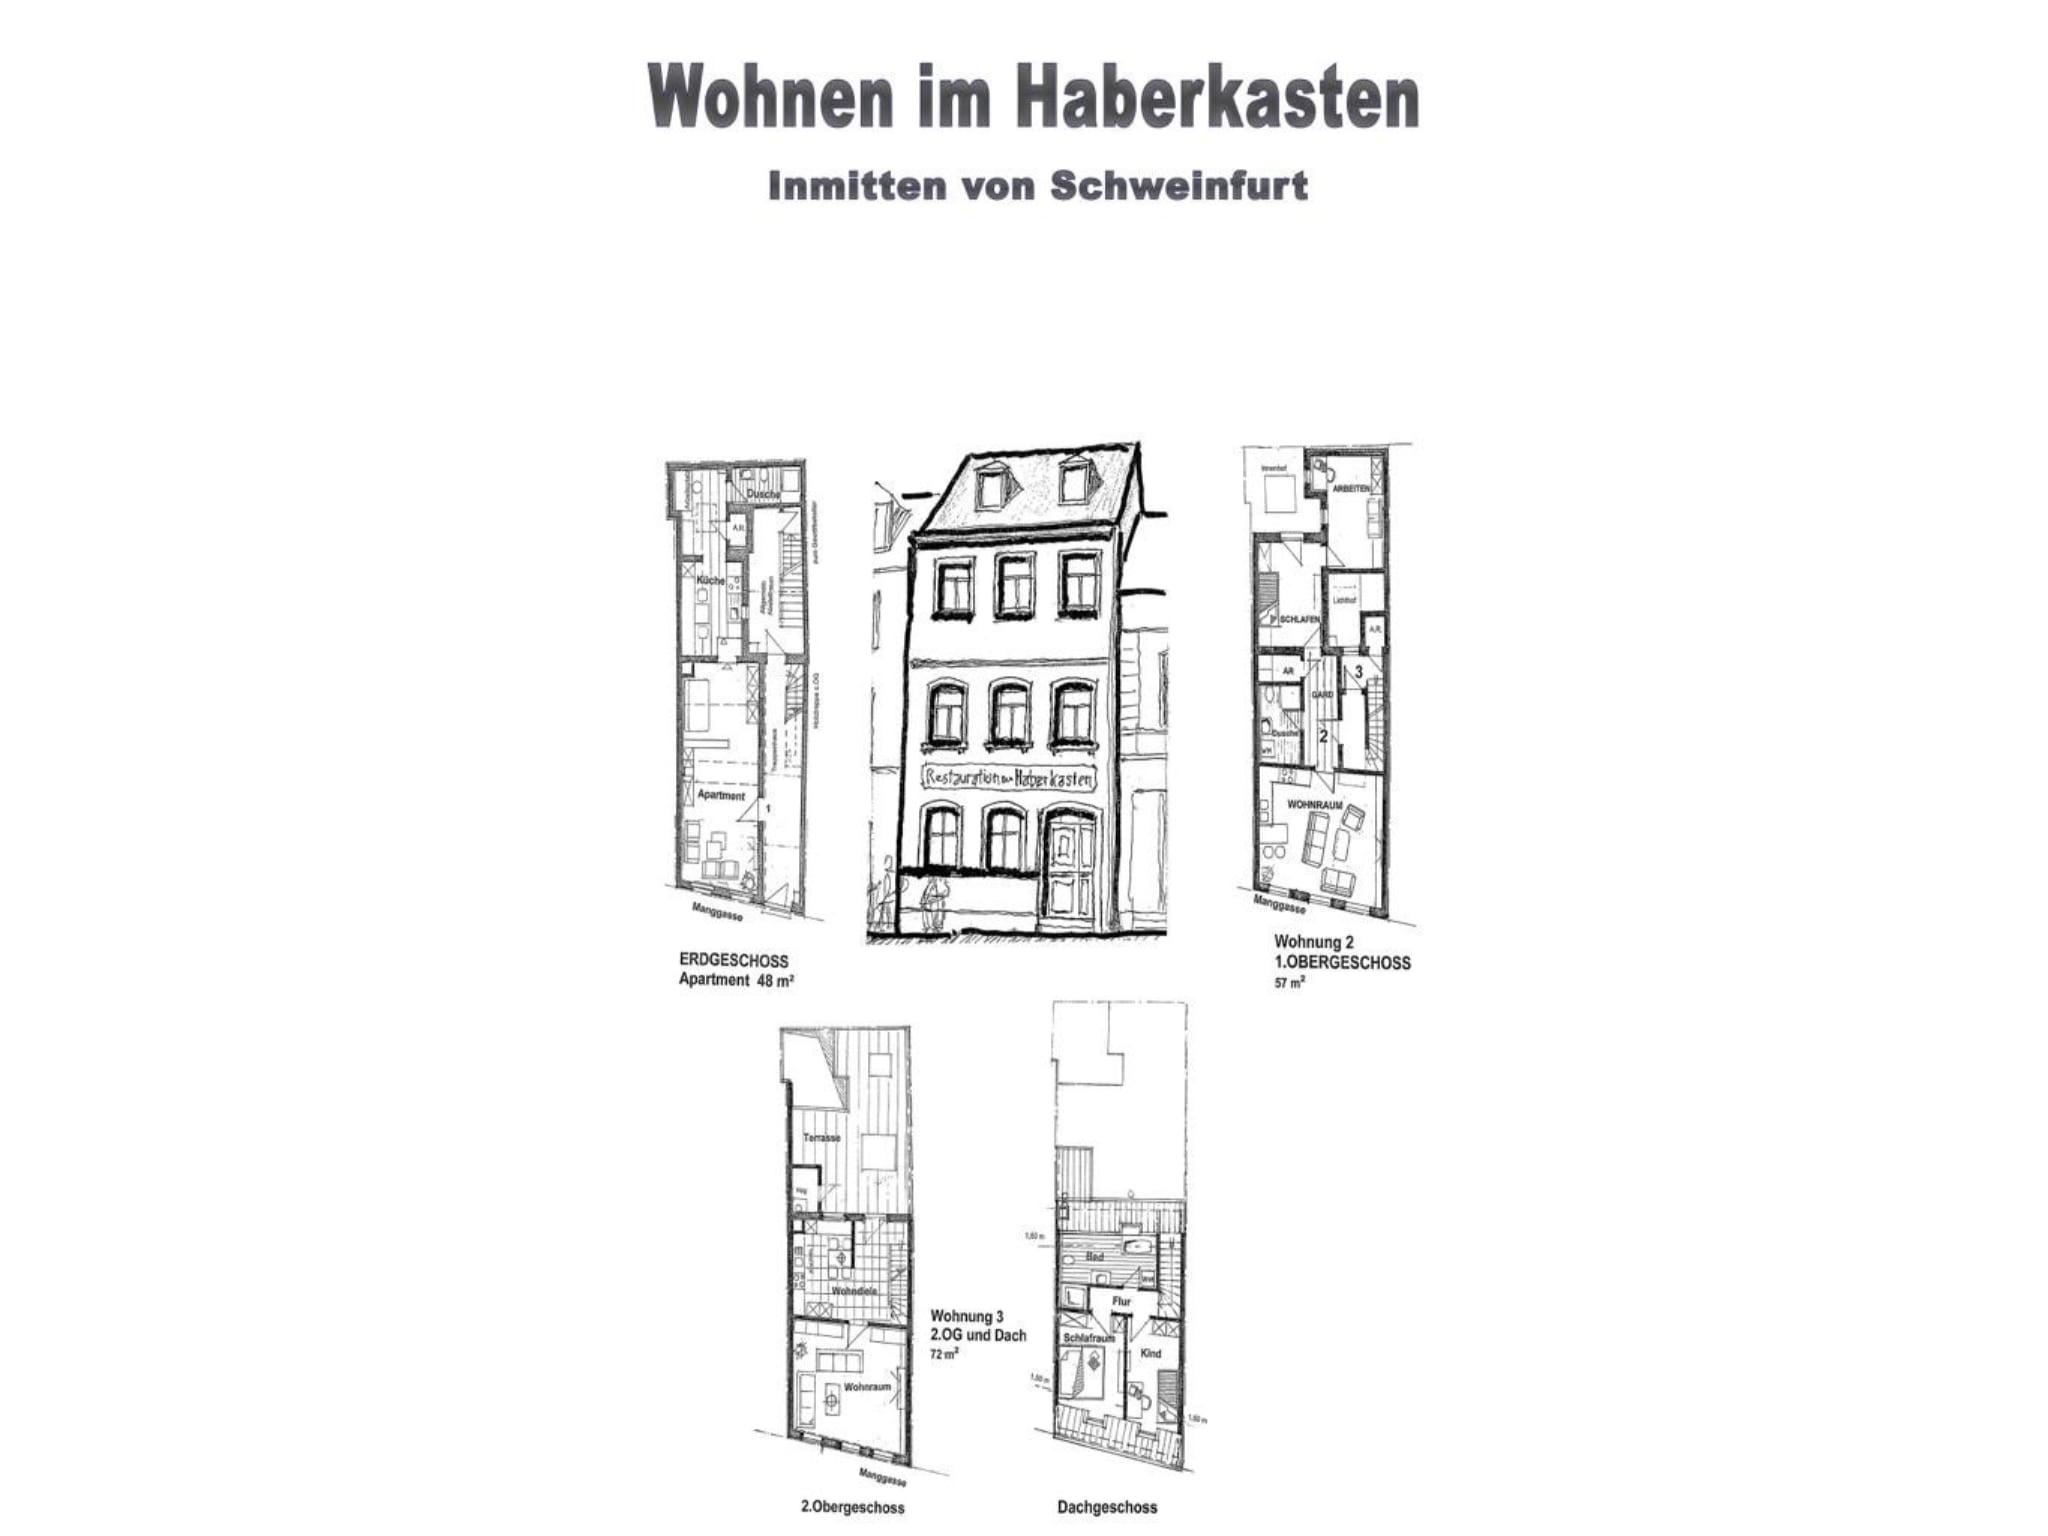 Im Haberkasten gibt es jetzt drei Wohnungen. Grafik: Brauerei Roth